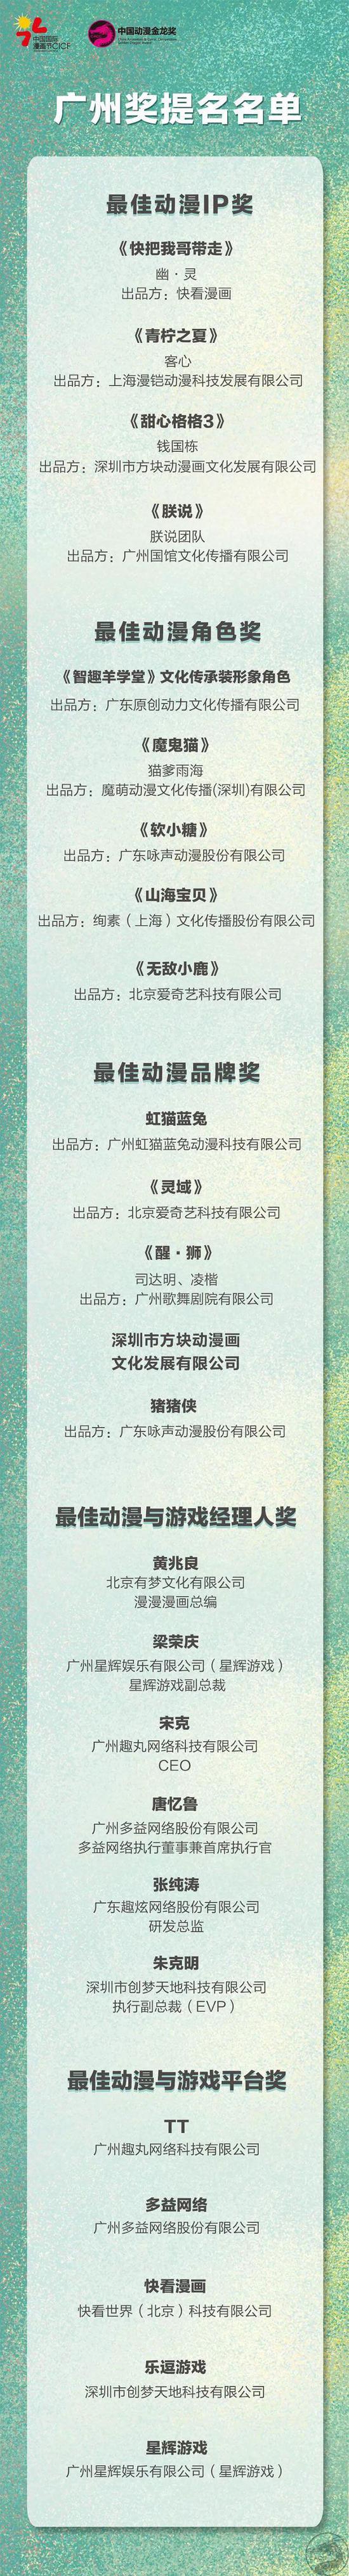 中国动漫金龙奖(CACC)广州奖提名作品.jpg